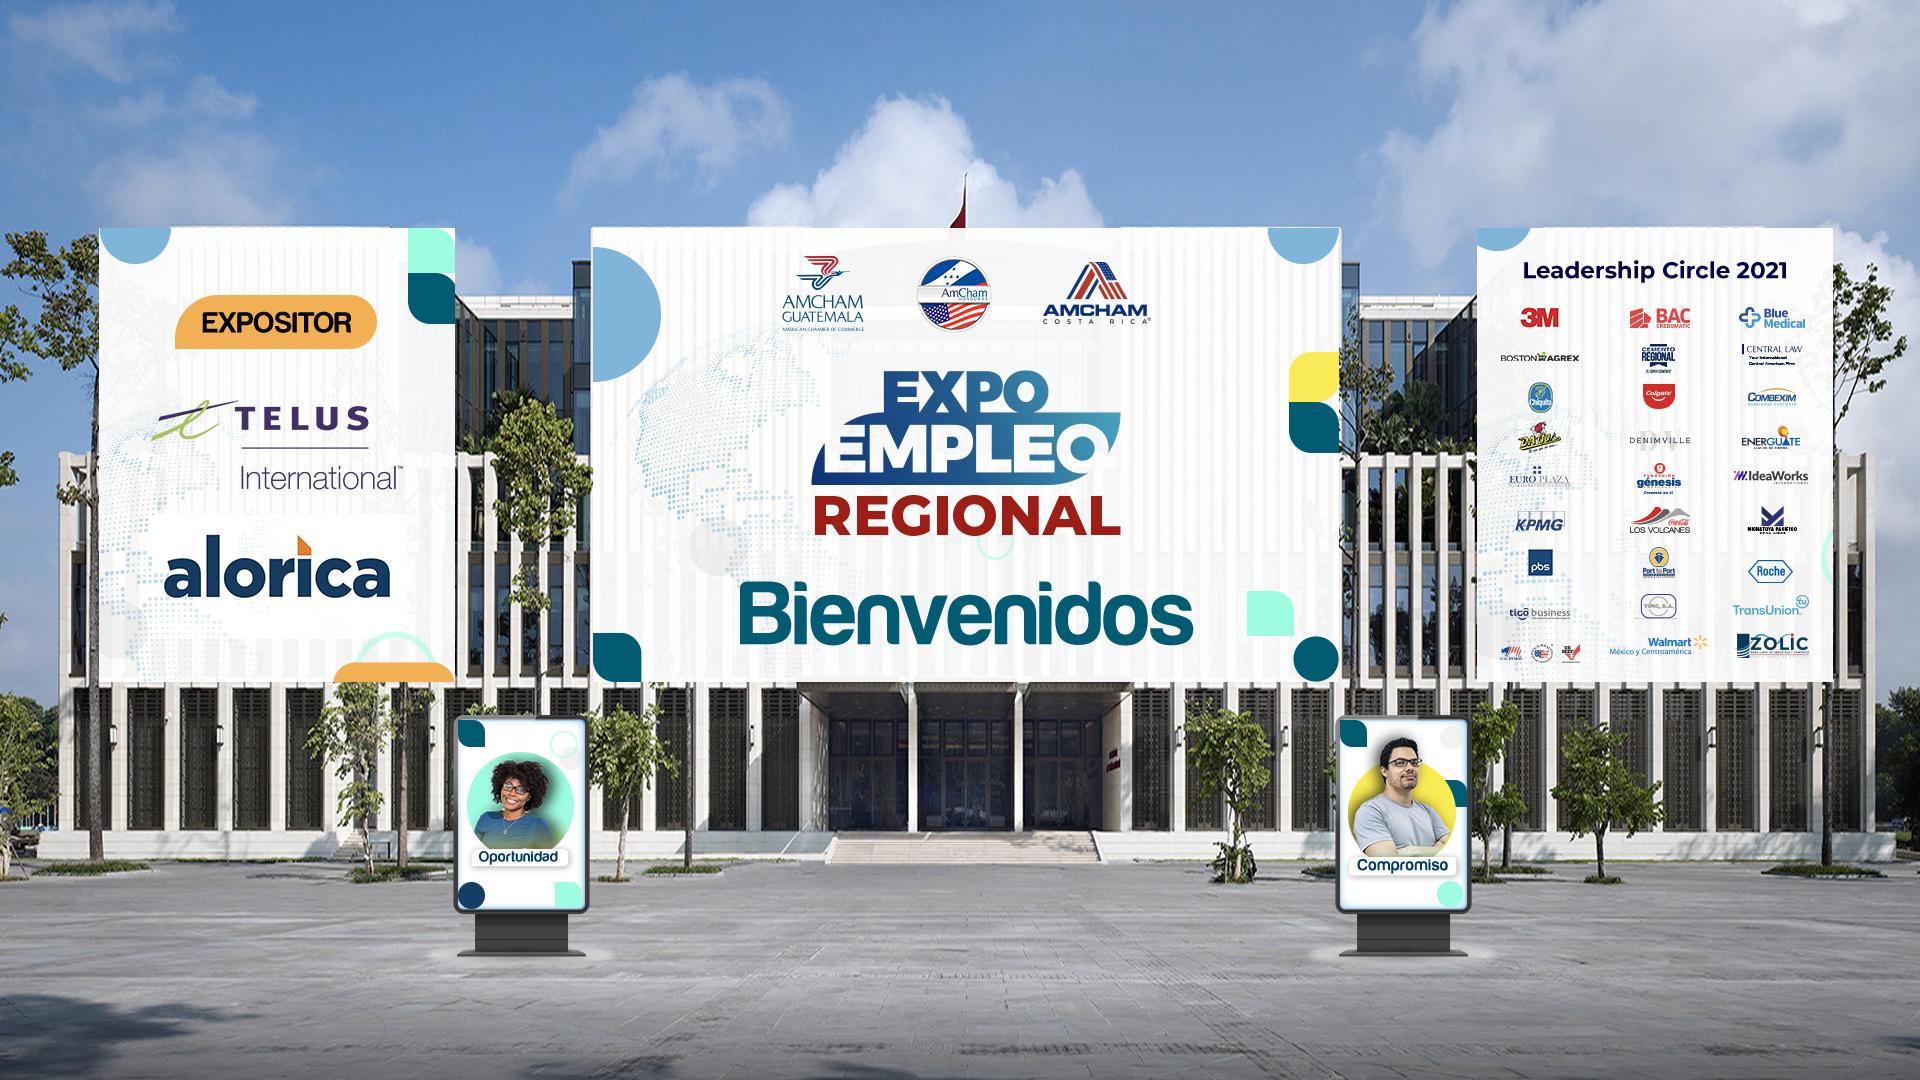 AmCham Expo Empleo Regional